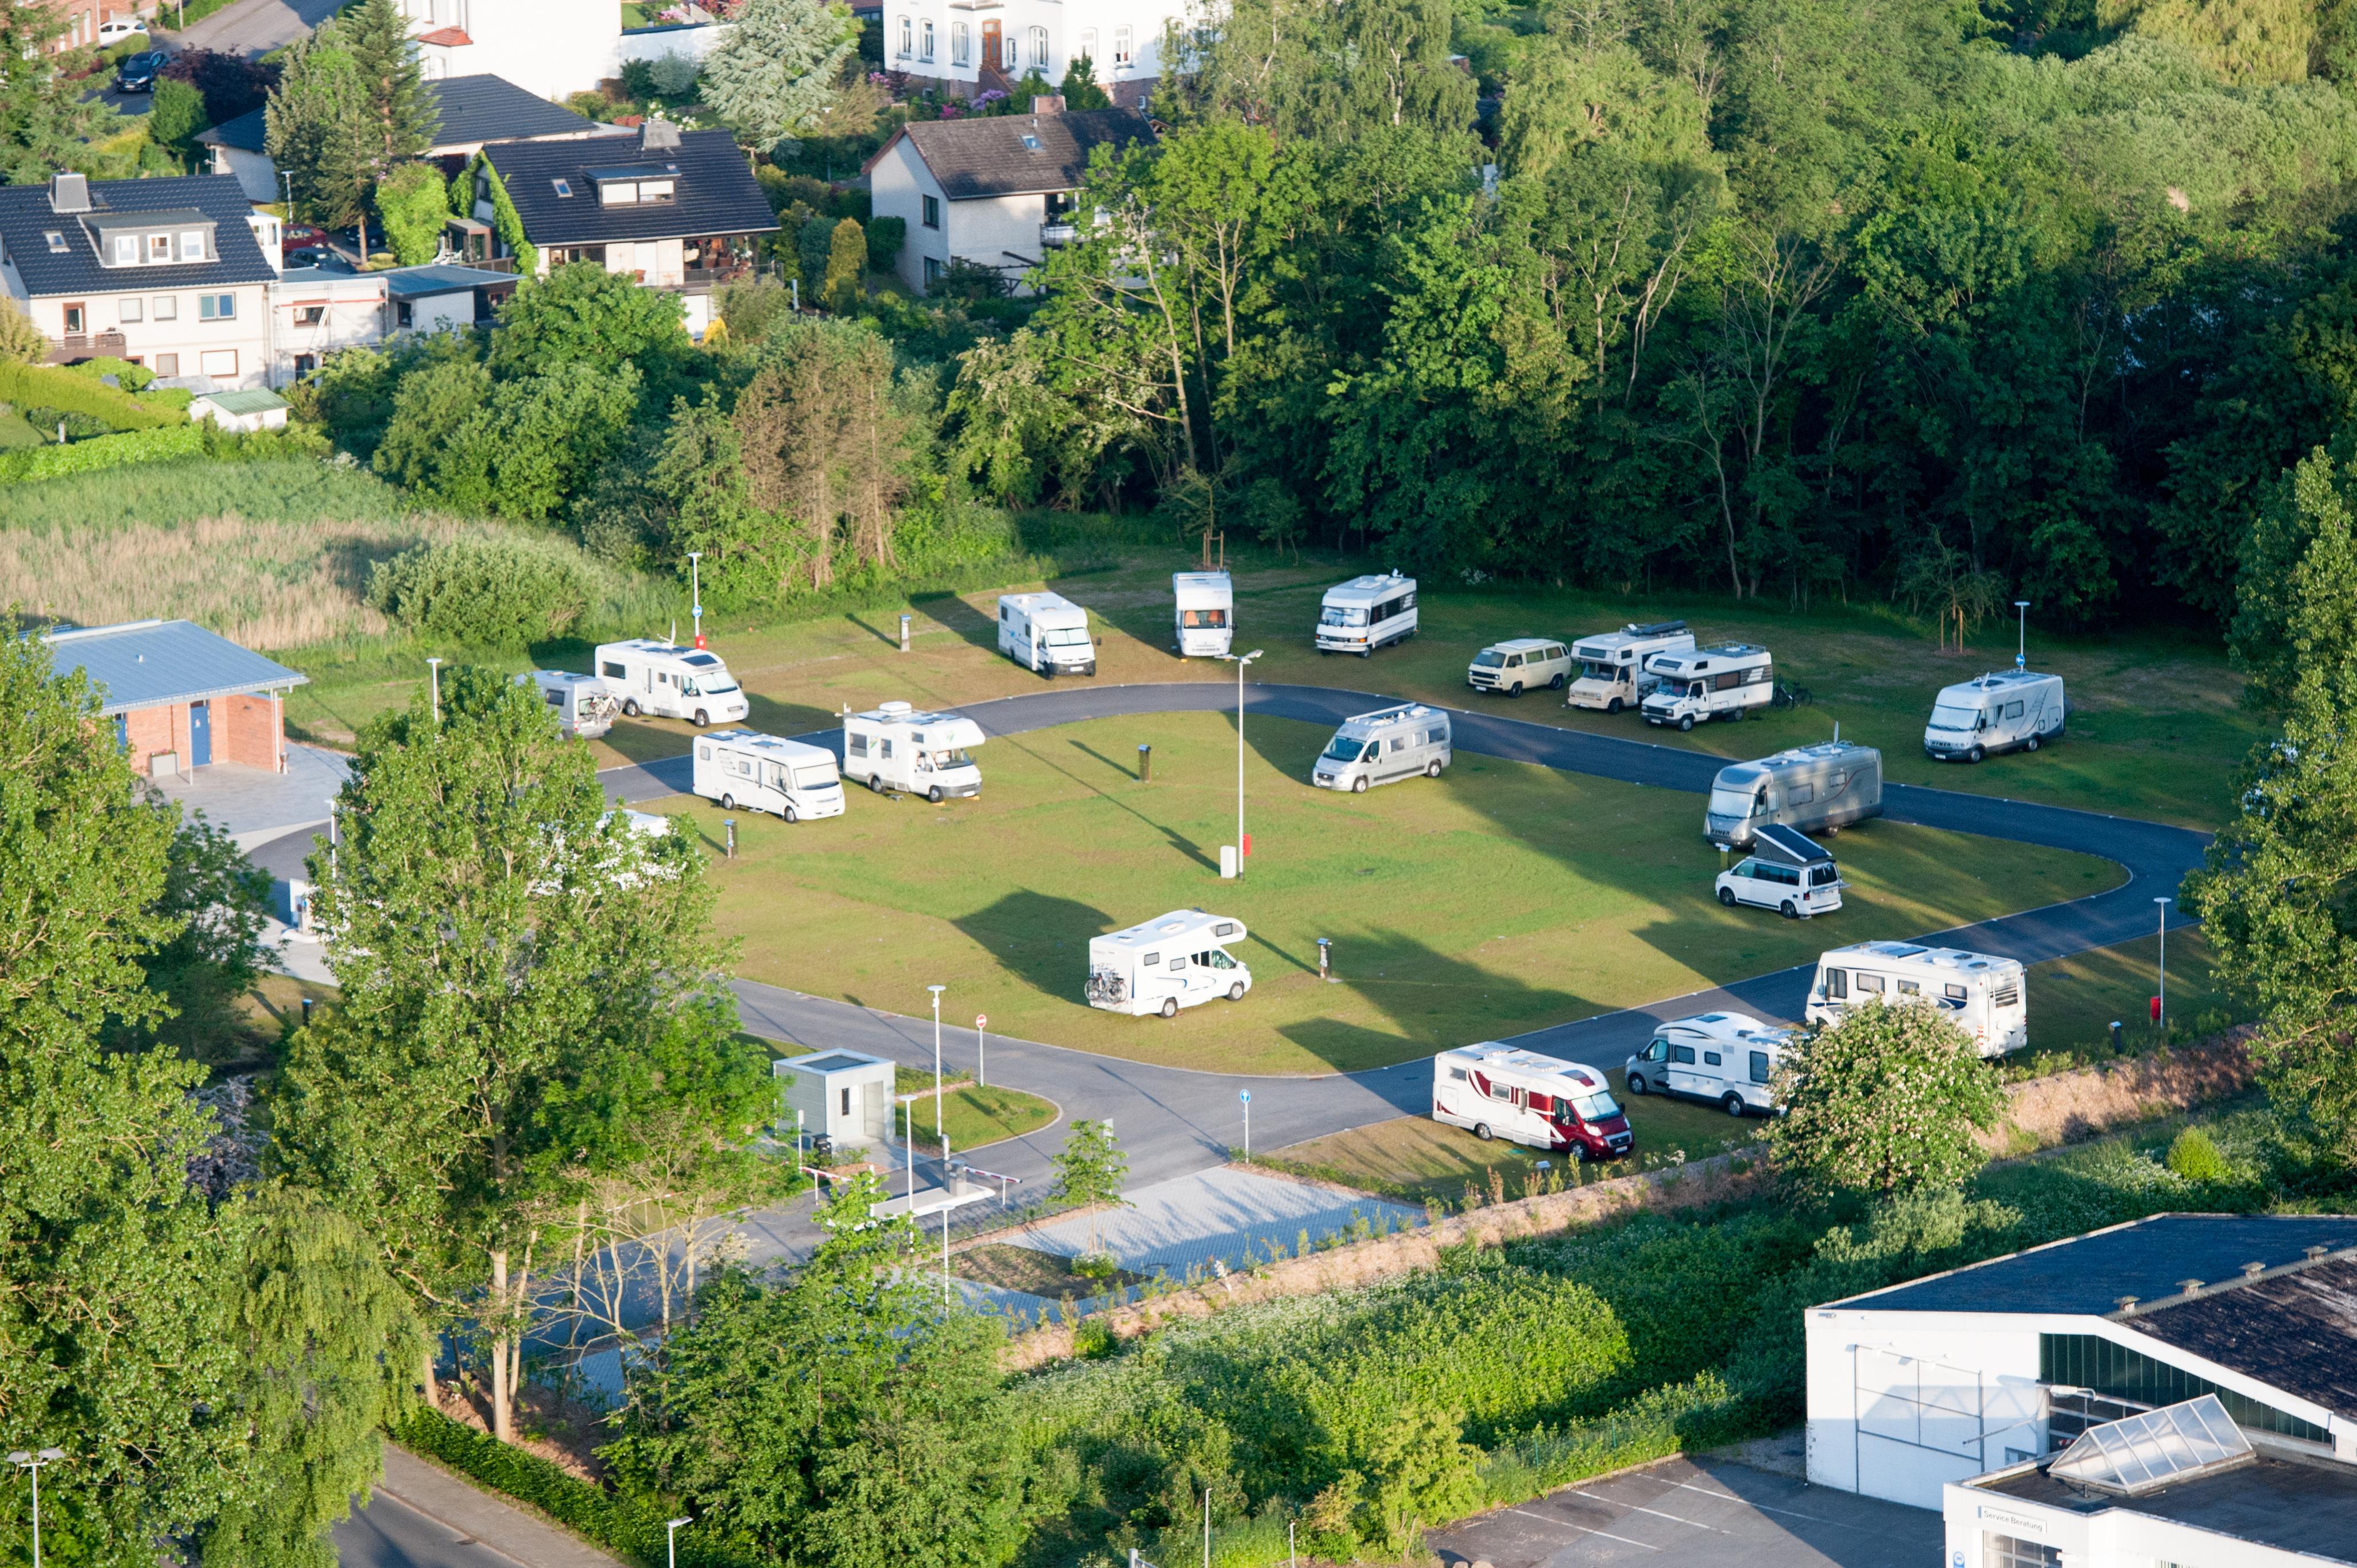 Auszgezeichnet: Wohnmobil-Urlaub in Eckernförde ...